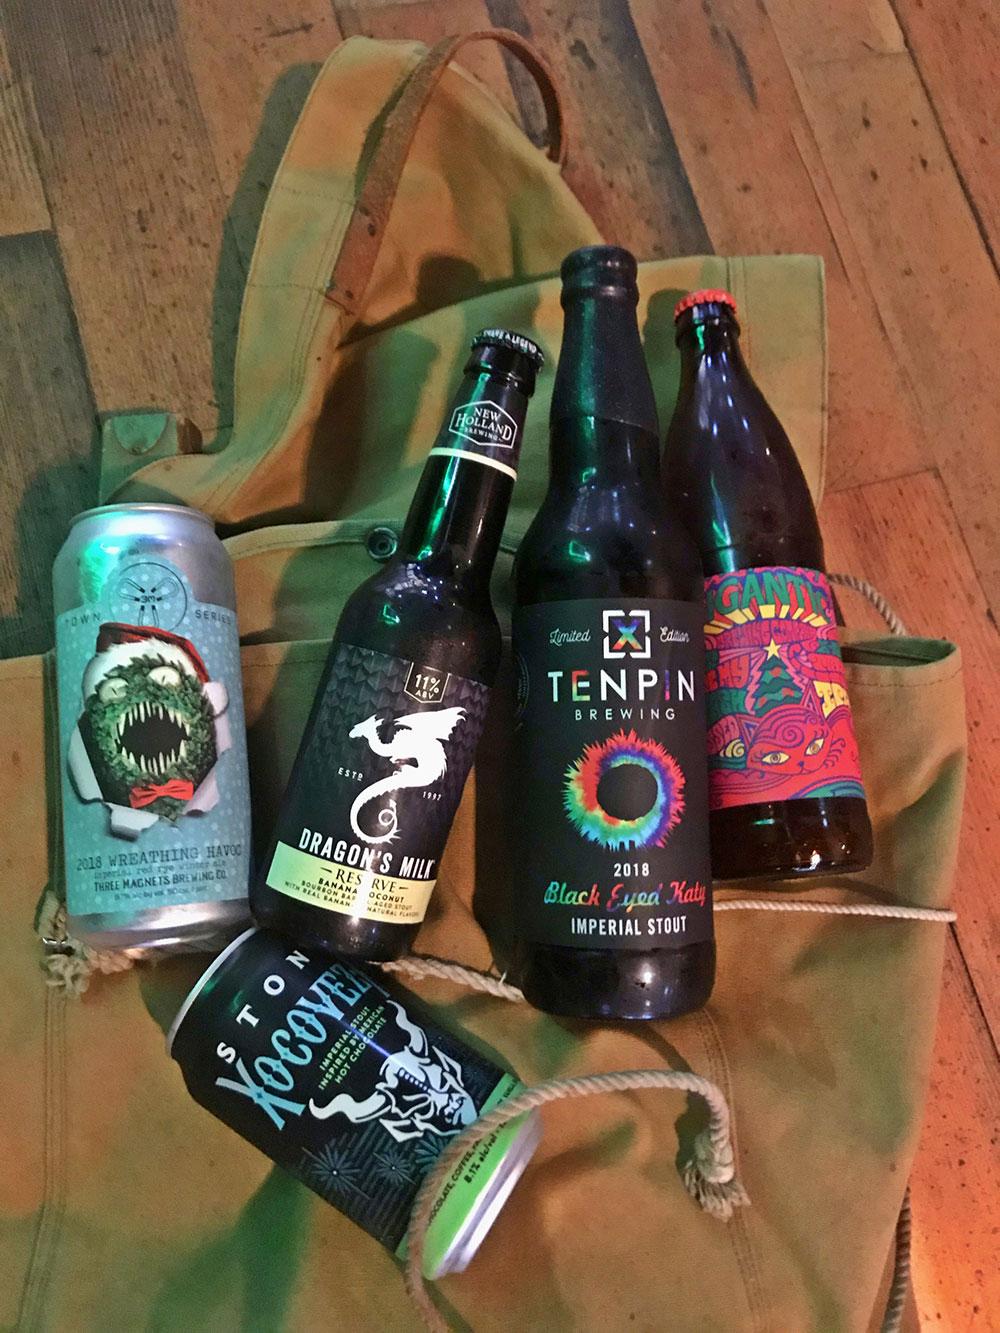 Peaks-and-Pints-Survival-Kit-of-Beer-11-28-18